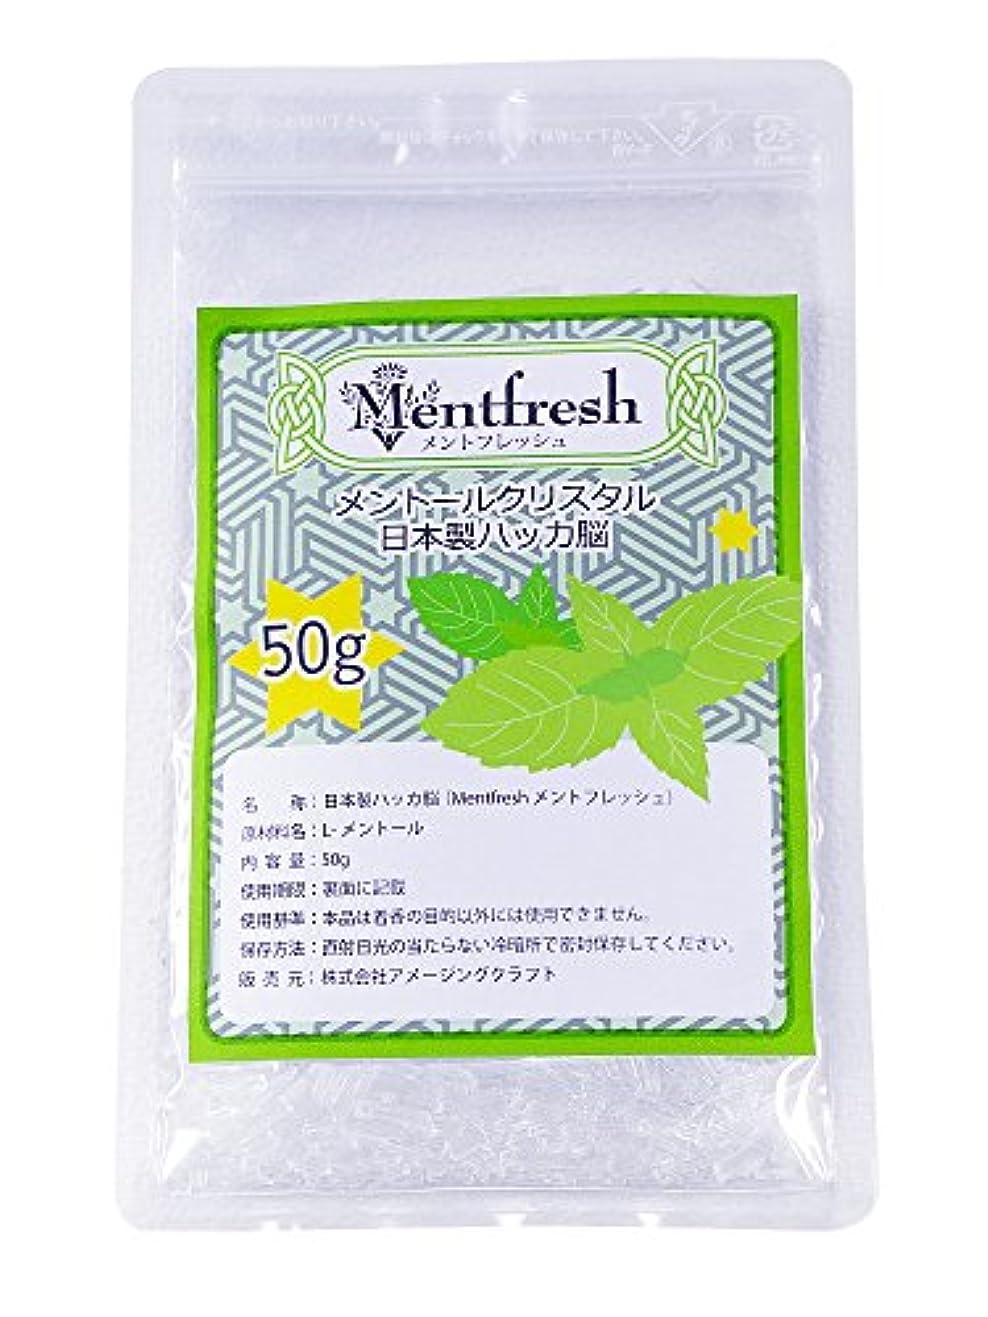 わかる精巧なクロール日本製 ハッカ結晶 メントフレッシュ メントールクリスタル (50g)